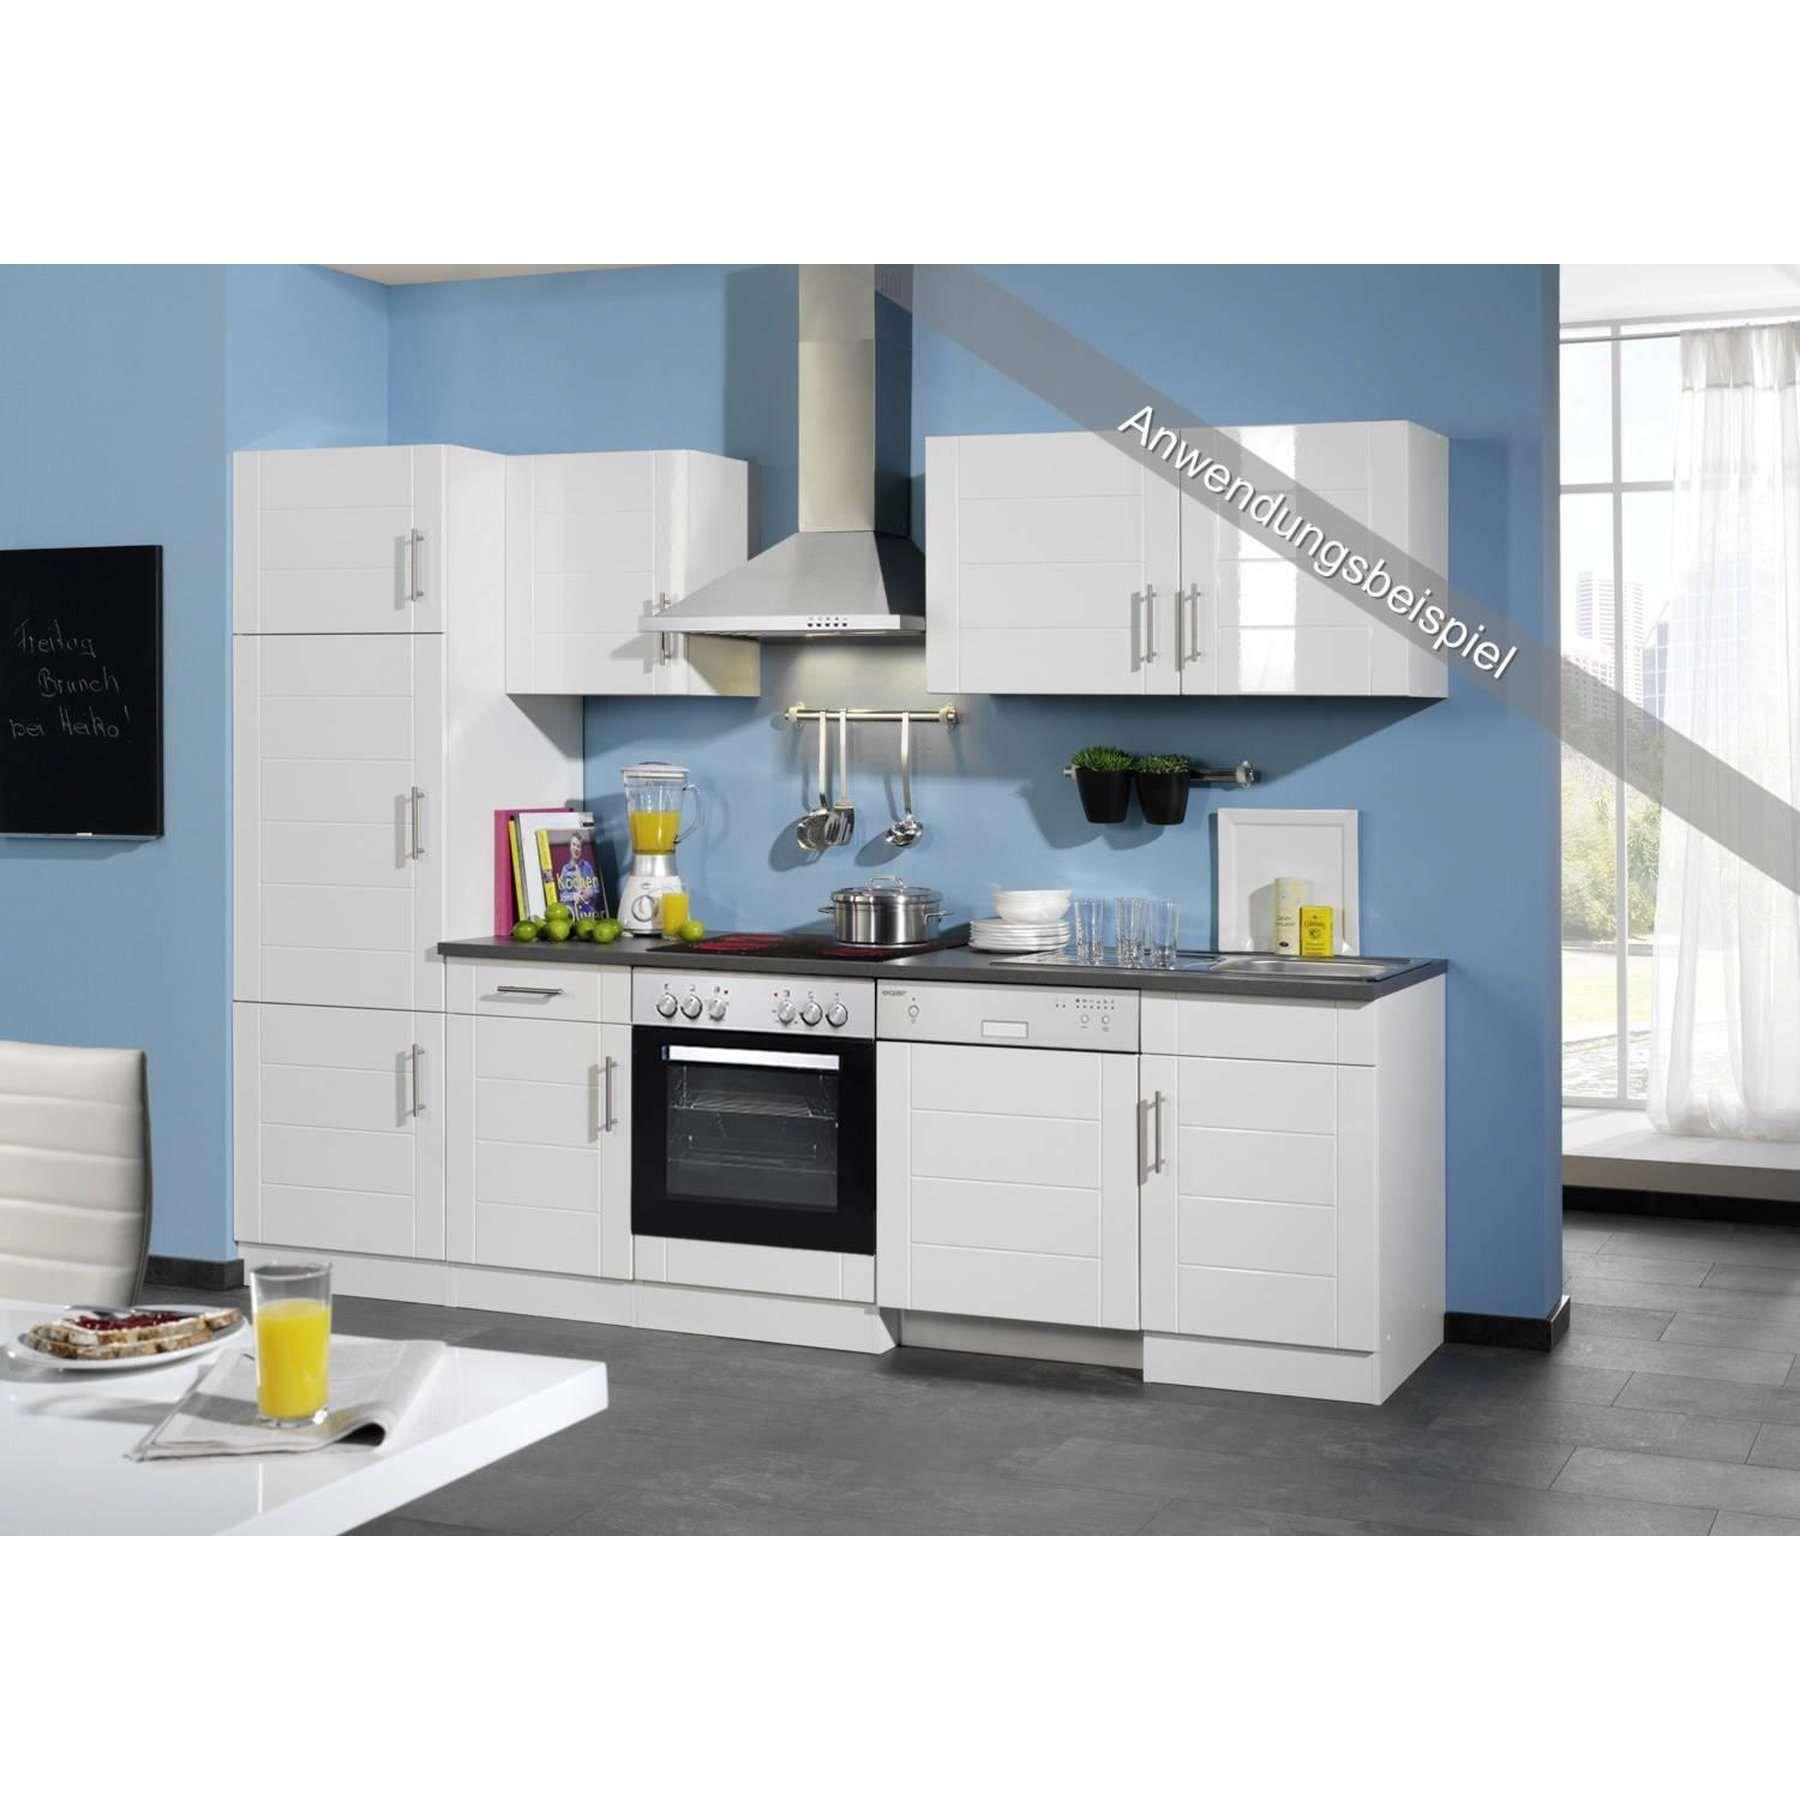 U Formiges Sofa Kuche Lila Hochglanz Ikea Kuche Korpushohe 70 Cm Geschenke Aus Der In 2020 Kitchen Kitchen Pantry Wall Unit